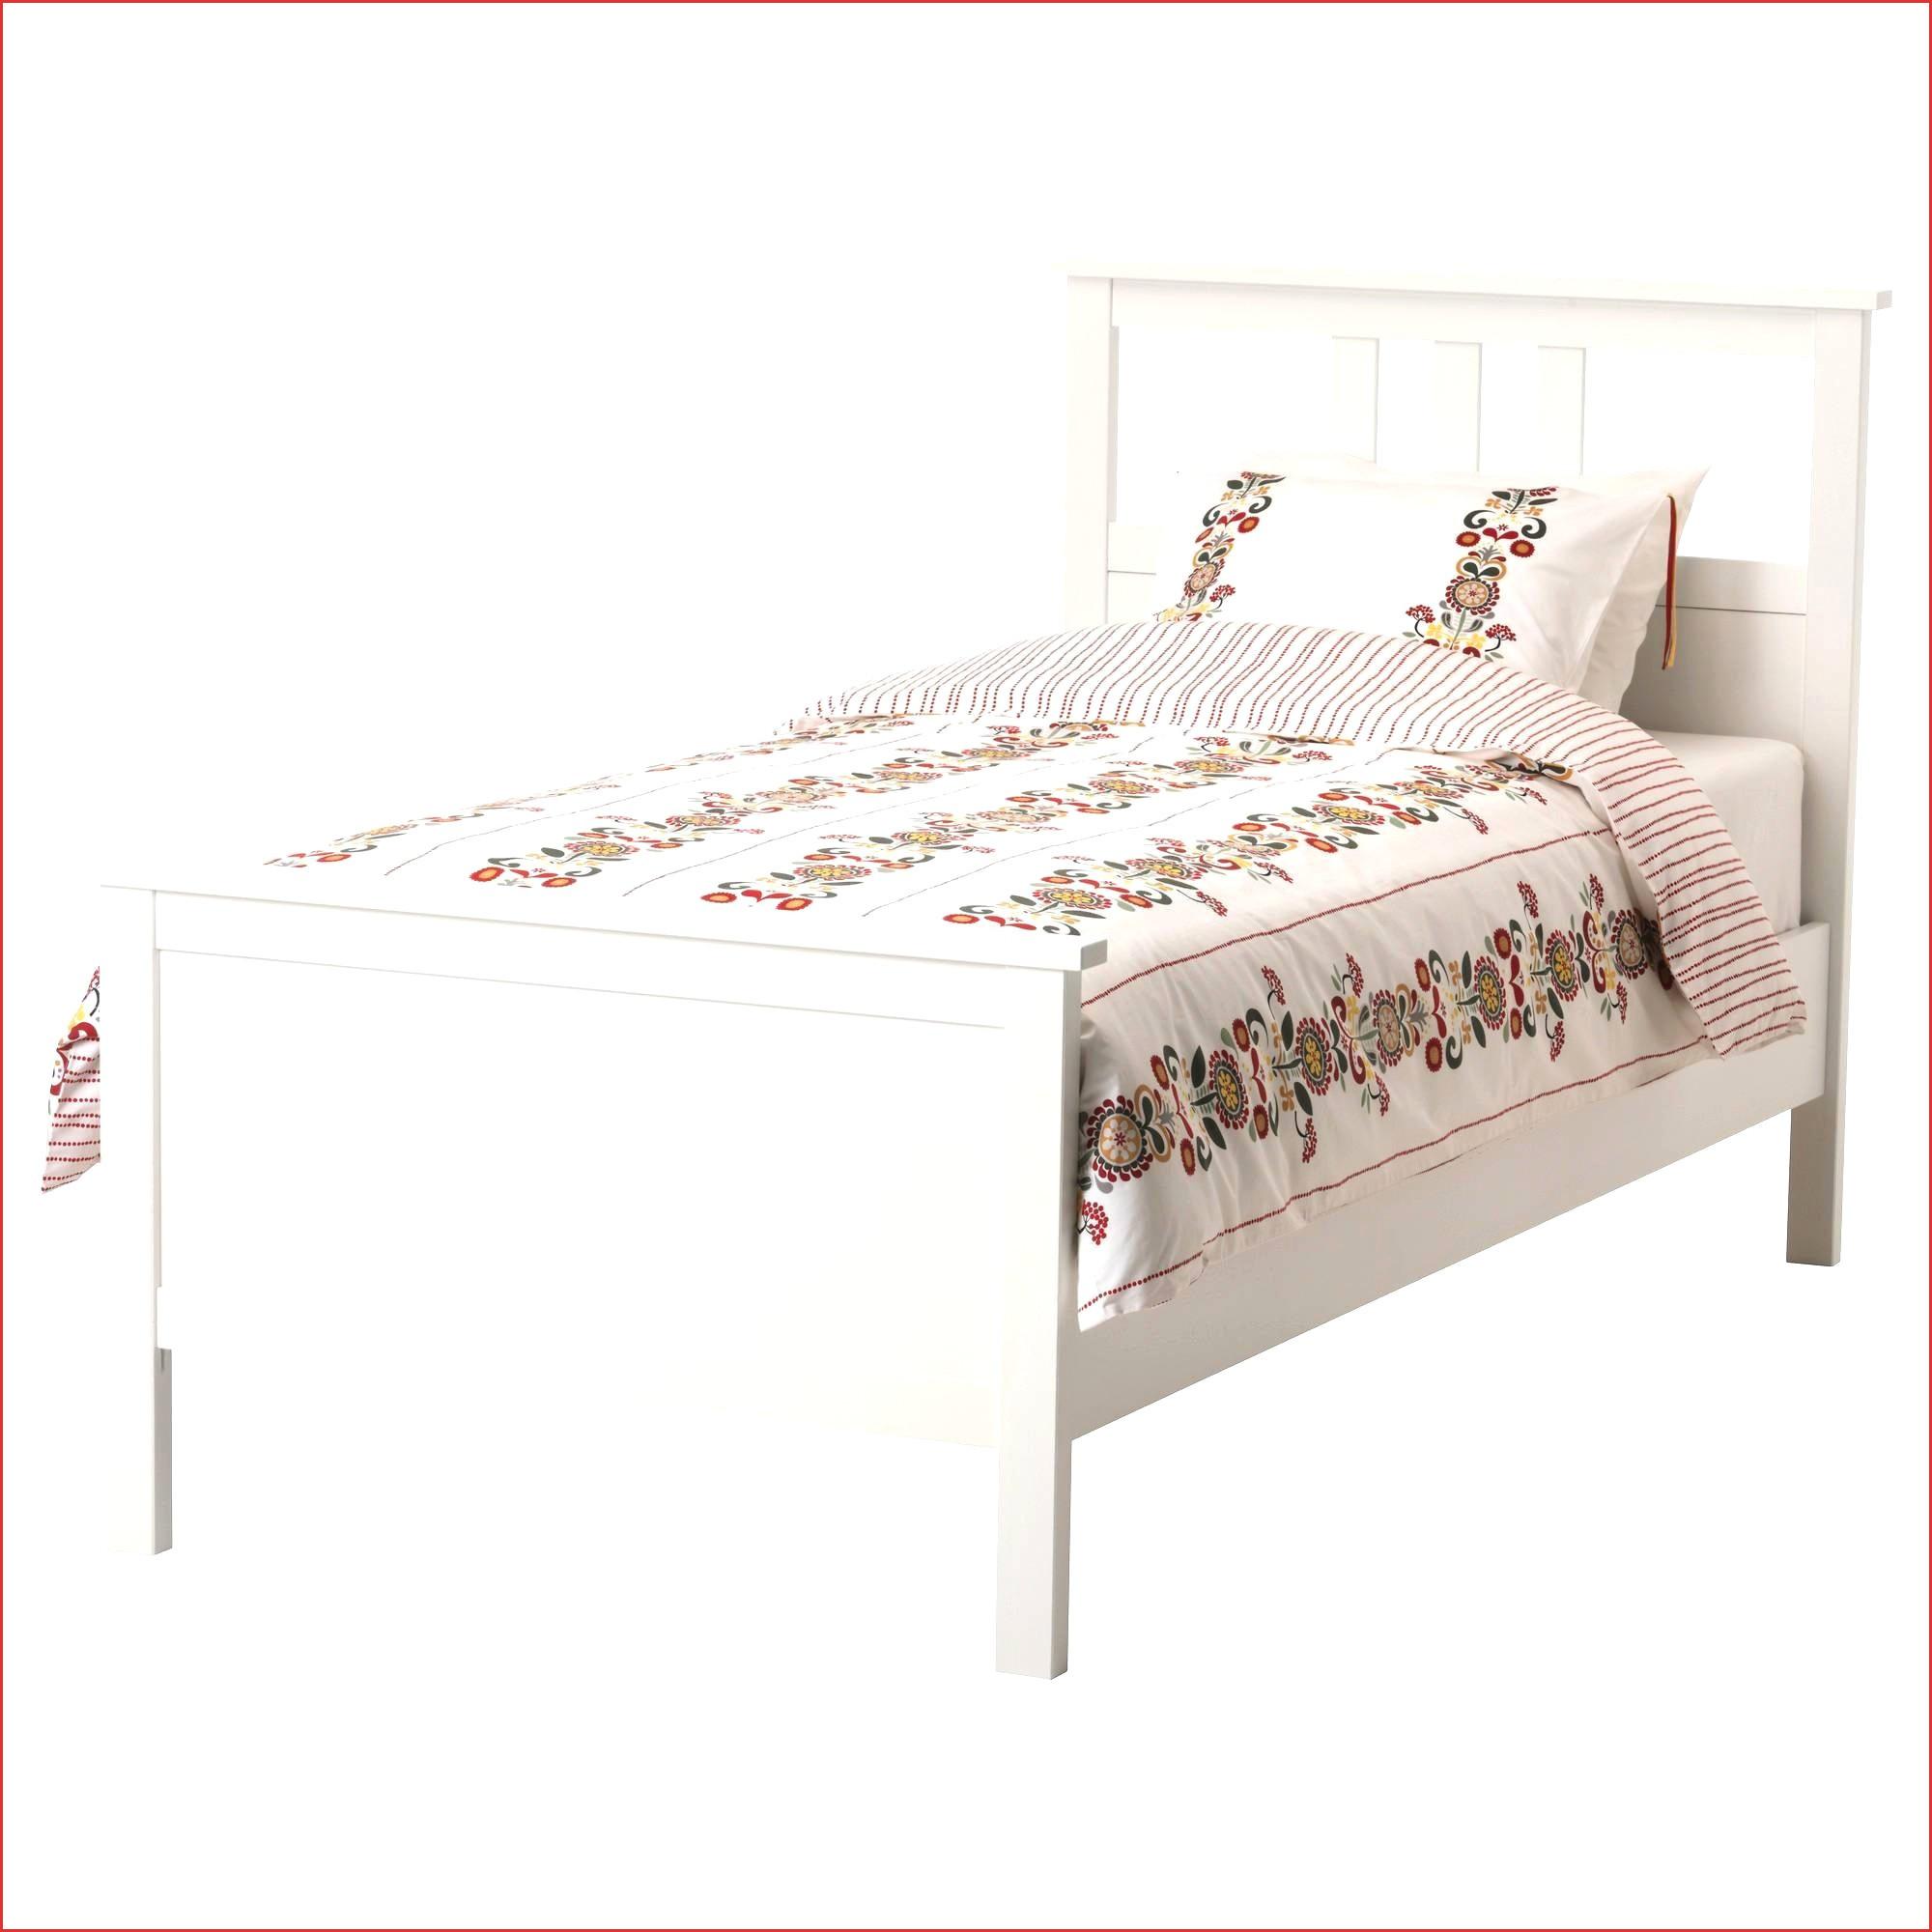 Full Size of 42 E0 Ikea Bett Wei 90x200 Fhrung Keilkissen Jugendstil Betten Düsseldorf Mit Schubladen 160x200 Schlicht Bei 140 X 200 180x200 Günstig Bettkasten Günstige Bett Weißes Bett 90x200